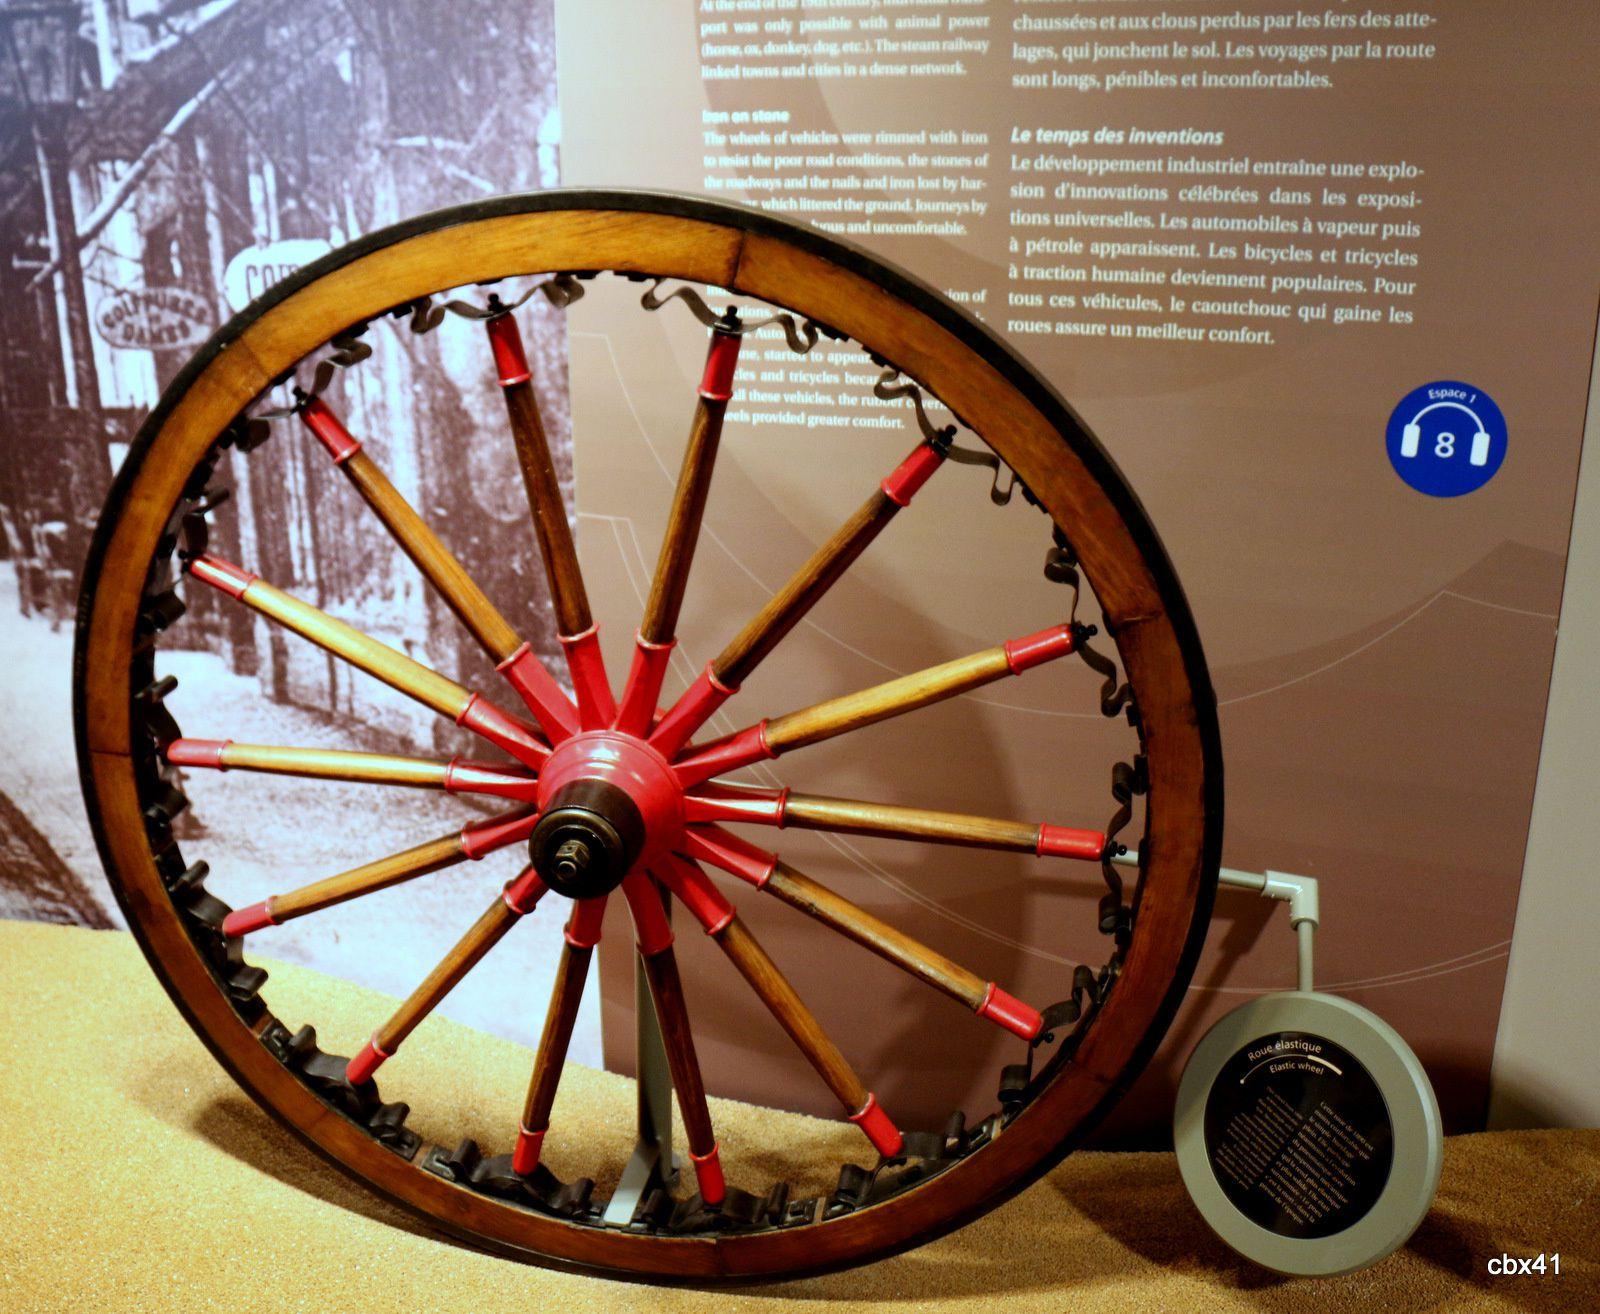 L'Aventure Michelin, roues élastiques